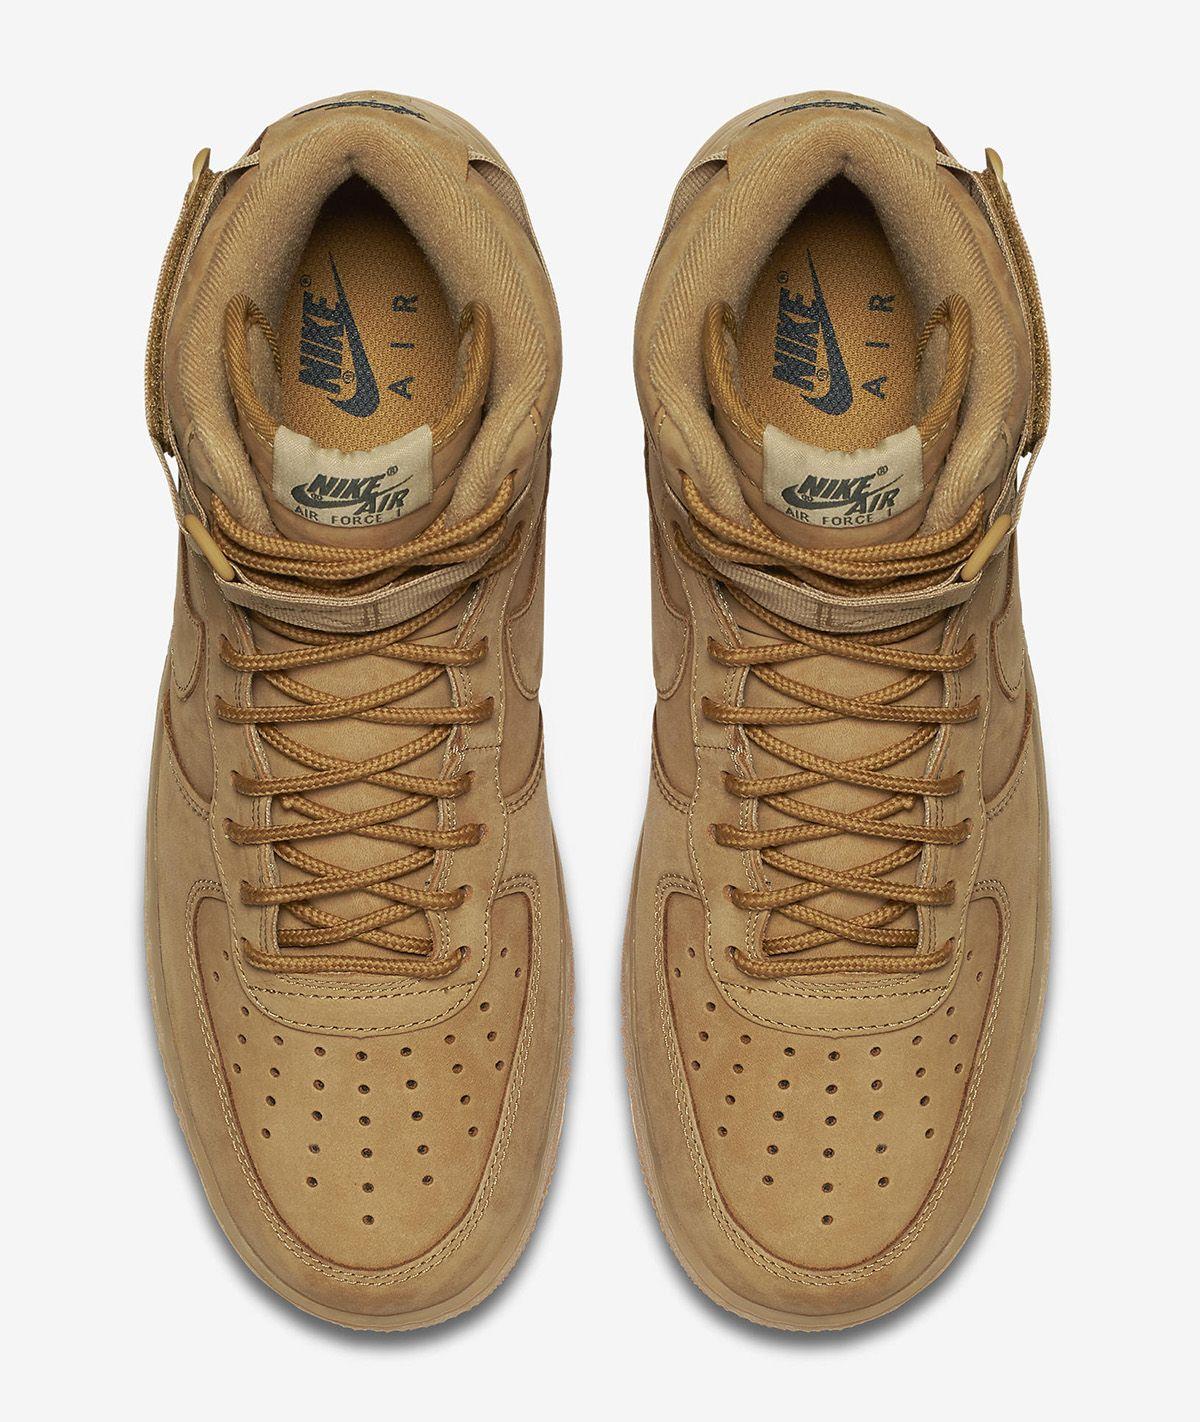 5d8849a0e Nike Air Force 1 High WB  Flax  - EU Kicks  Sneaker Magazine